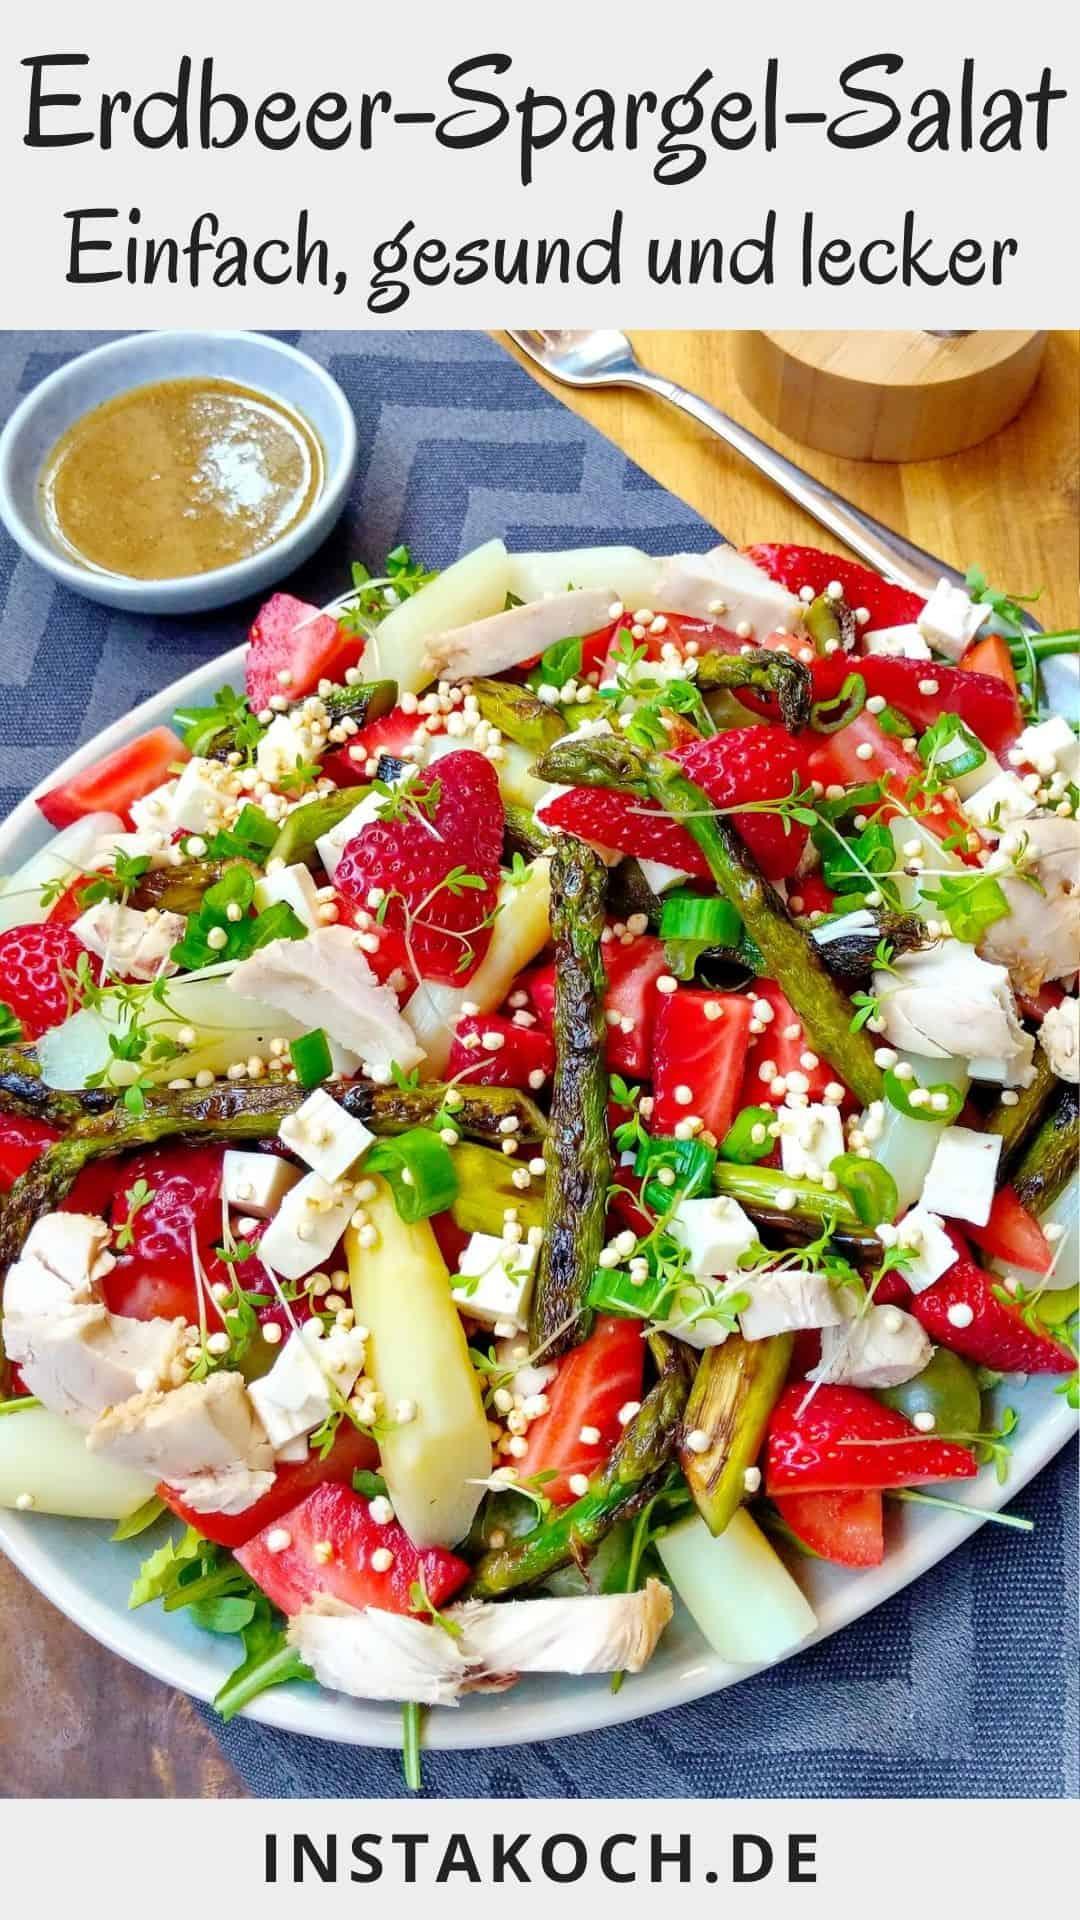 Eine Schale mit Erdbeer-Spargel-Salat. Darüber ein Schälchen mit Honig-Senf-Dressing.